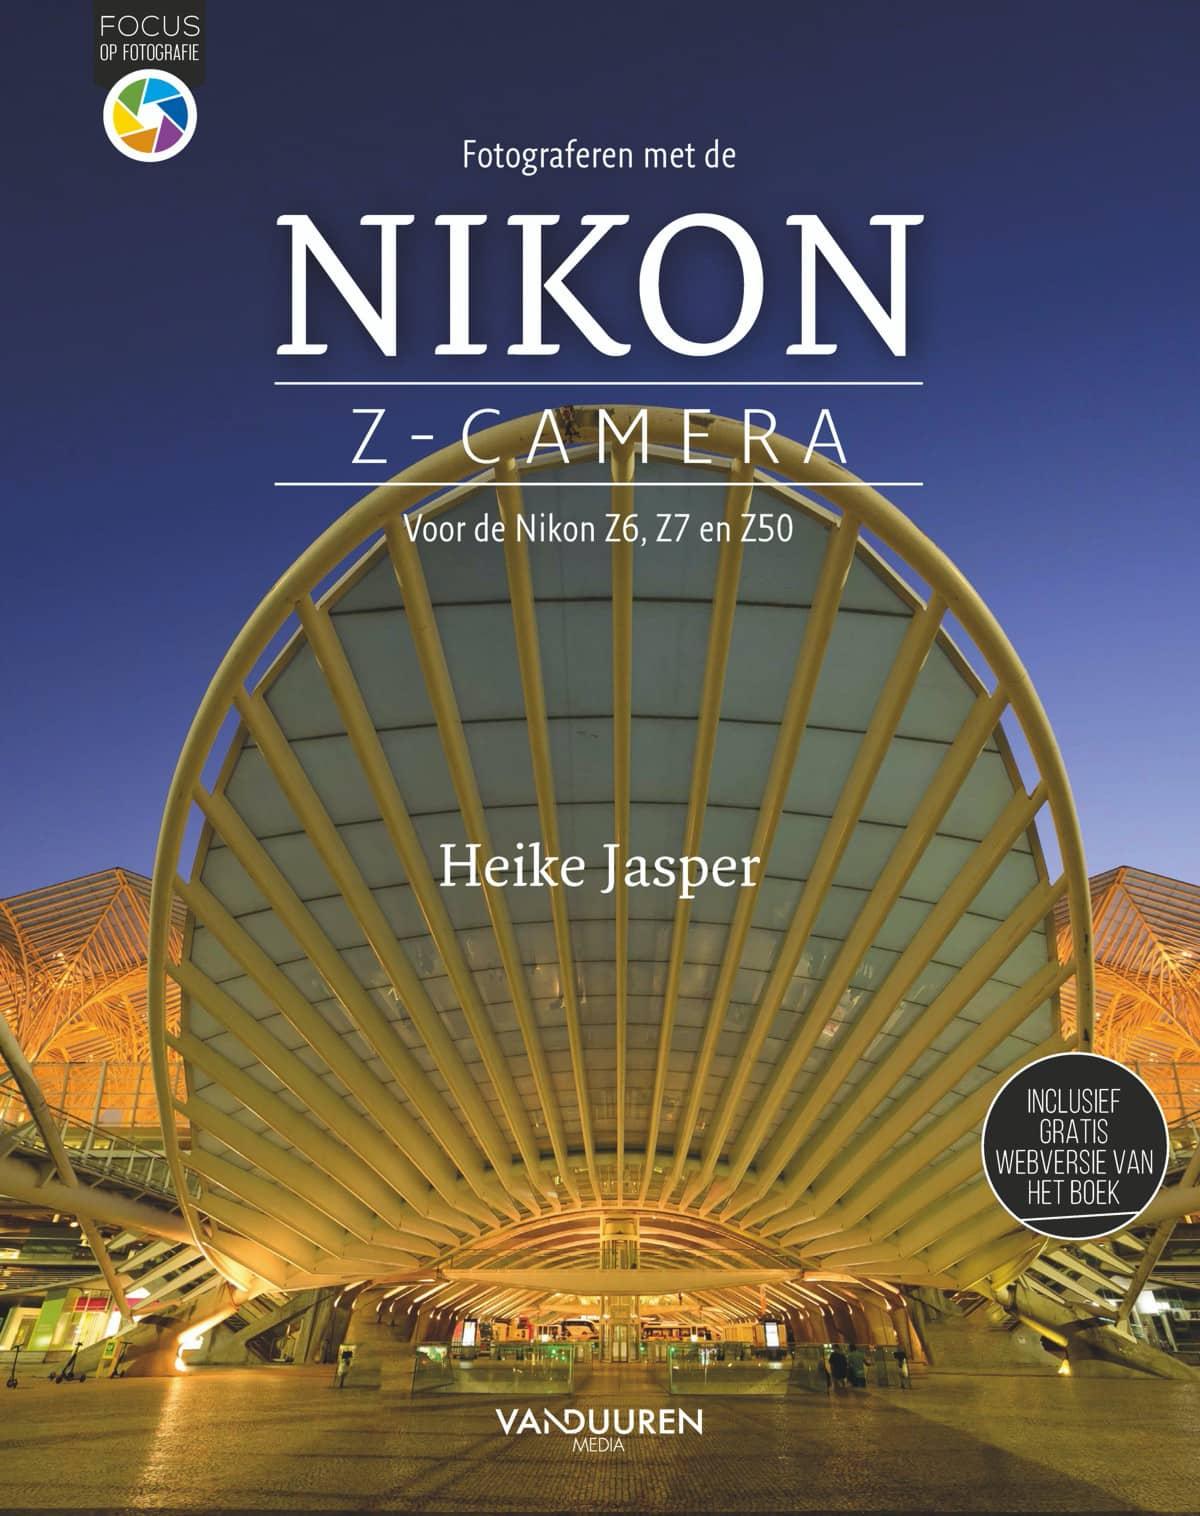 Fotograferen met de Nikon Z-camera - Voor de Nikon Z6, Z7 en Z50 door Heike Jasper, isbn 9789463561525